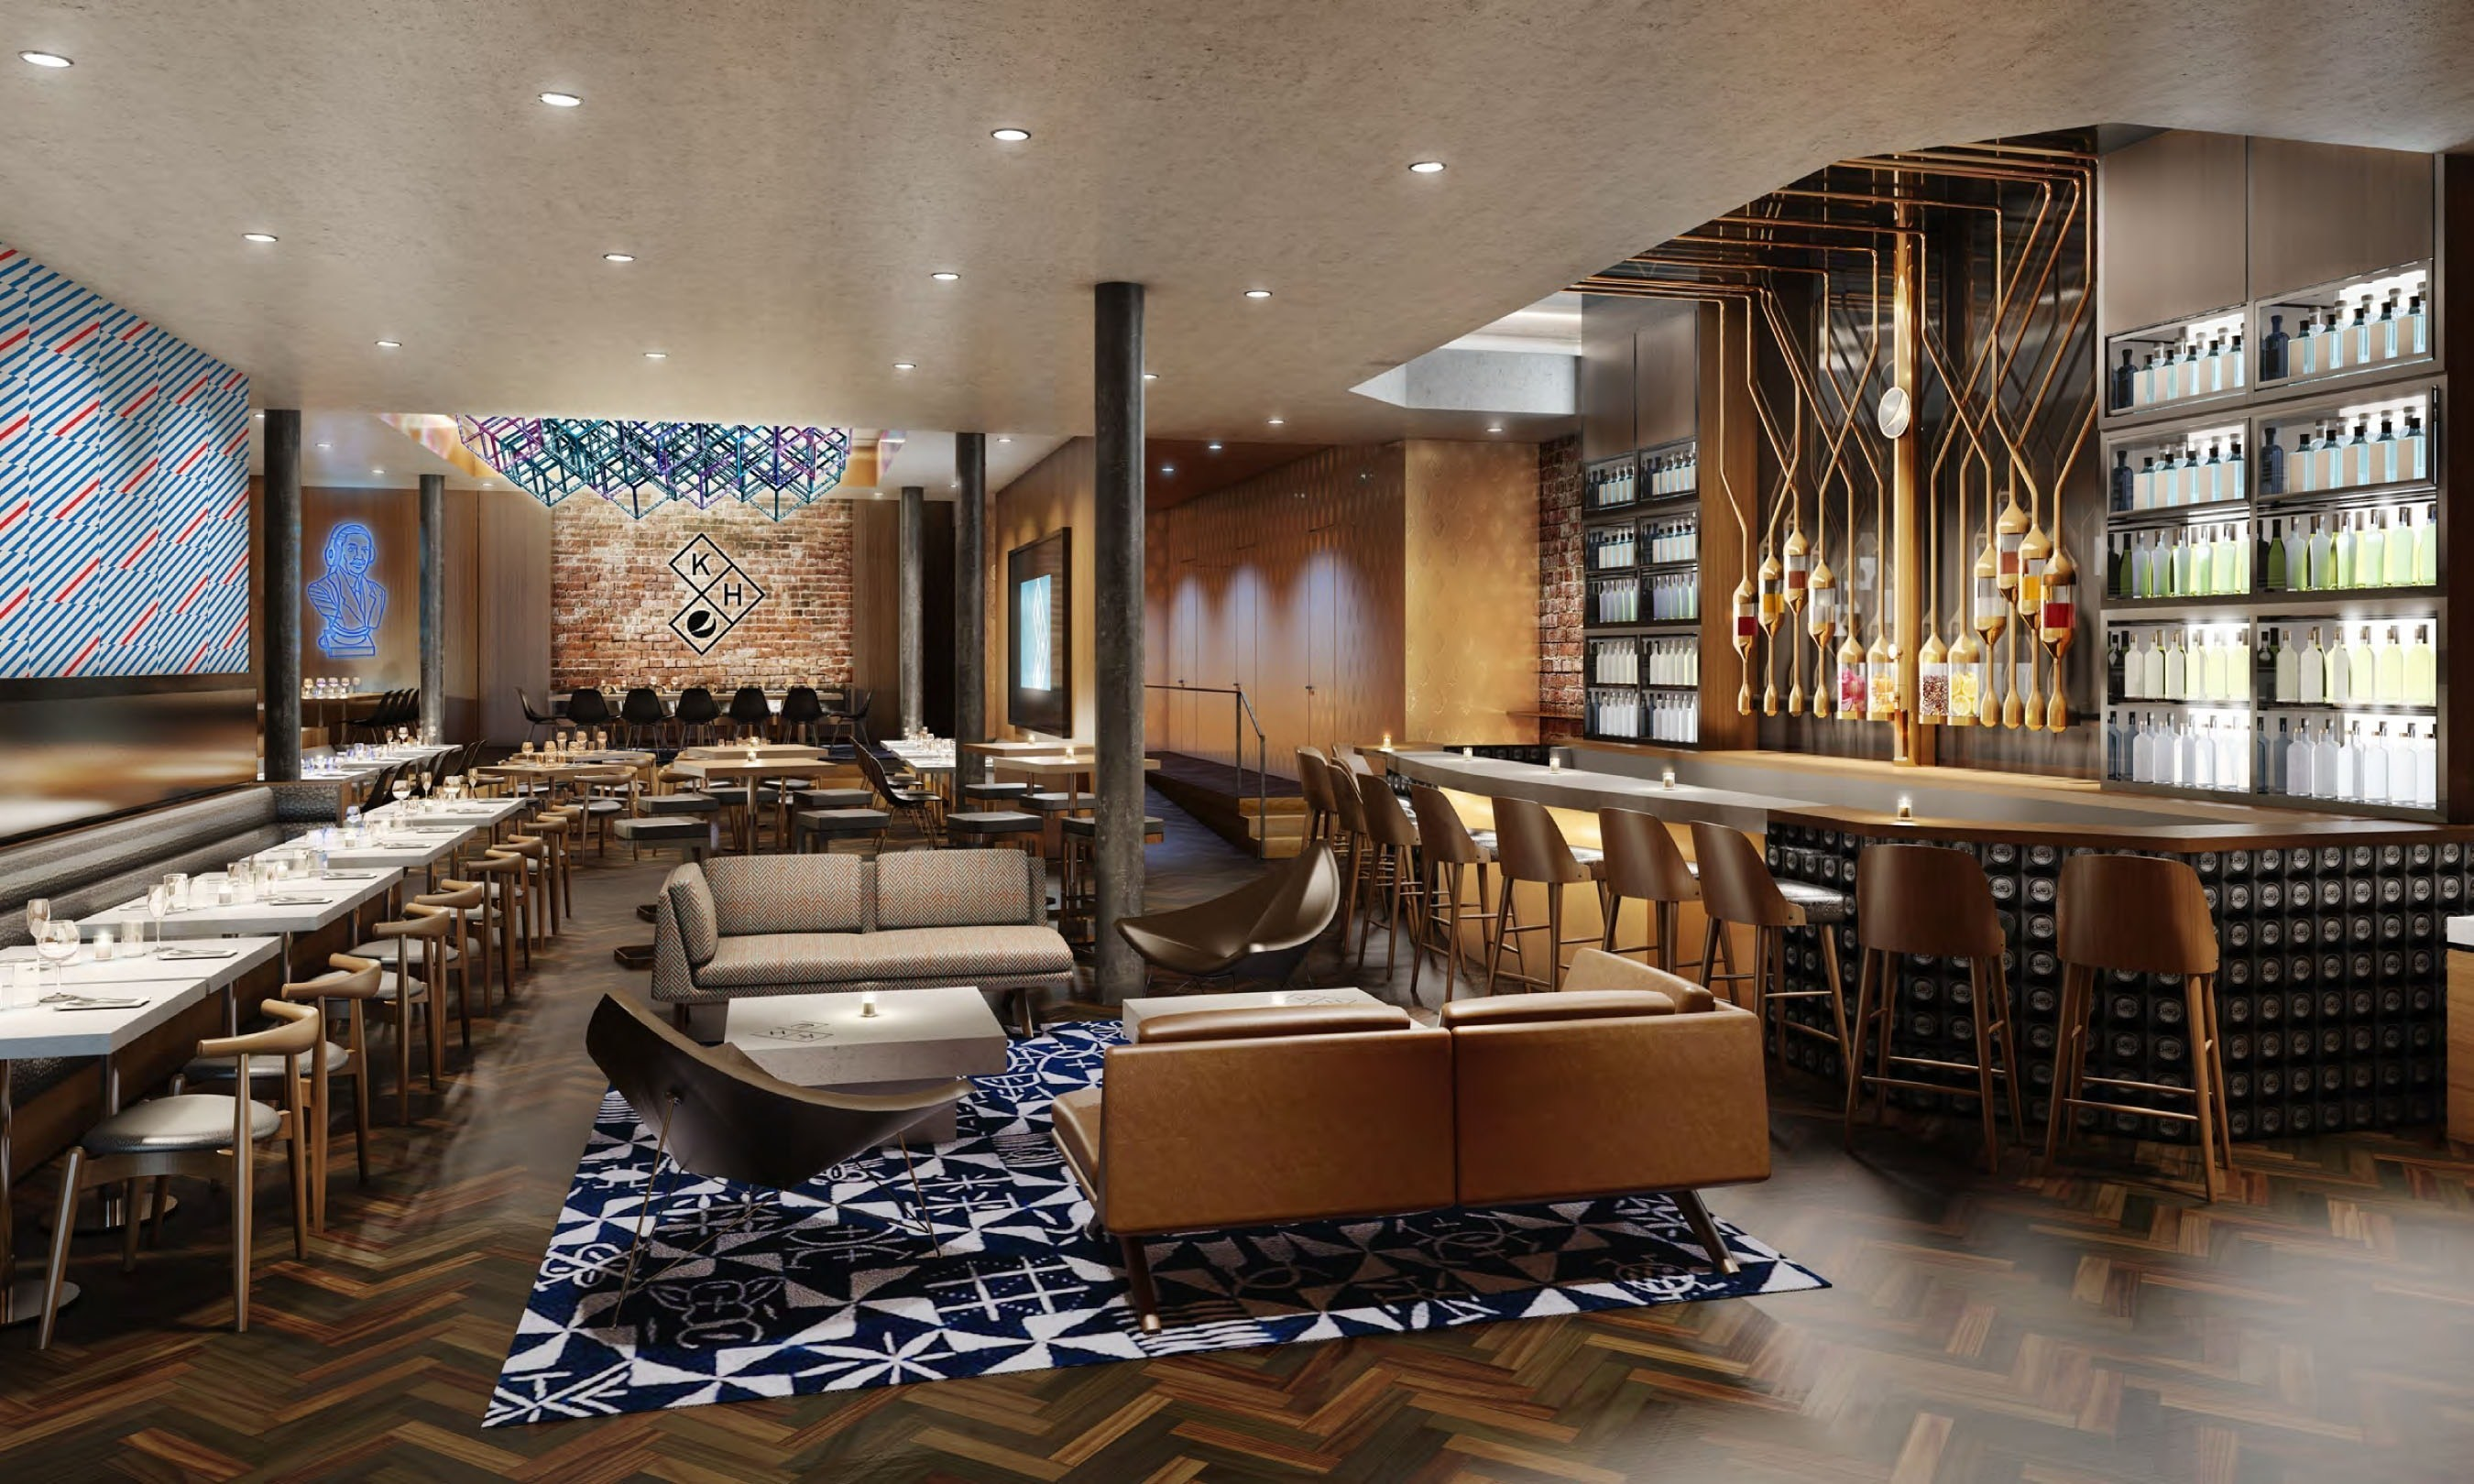 Rendering of Kola House space in New York City